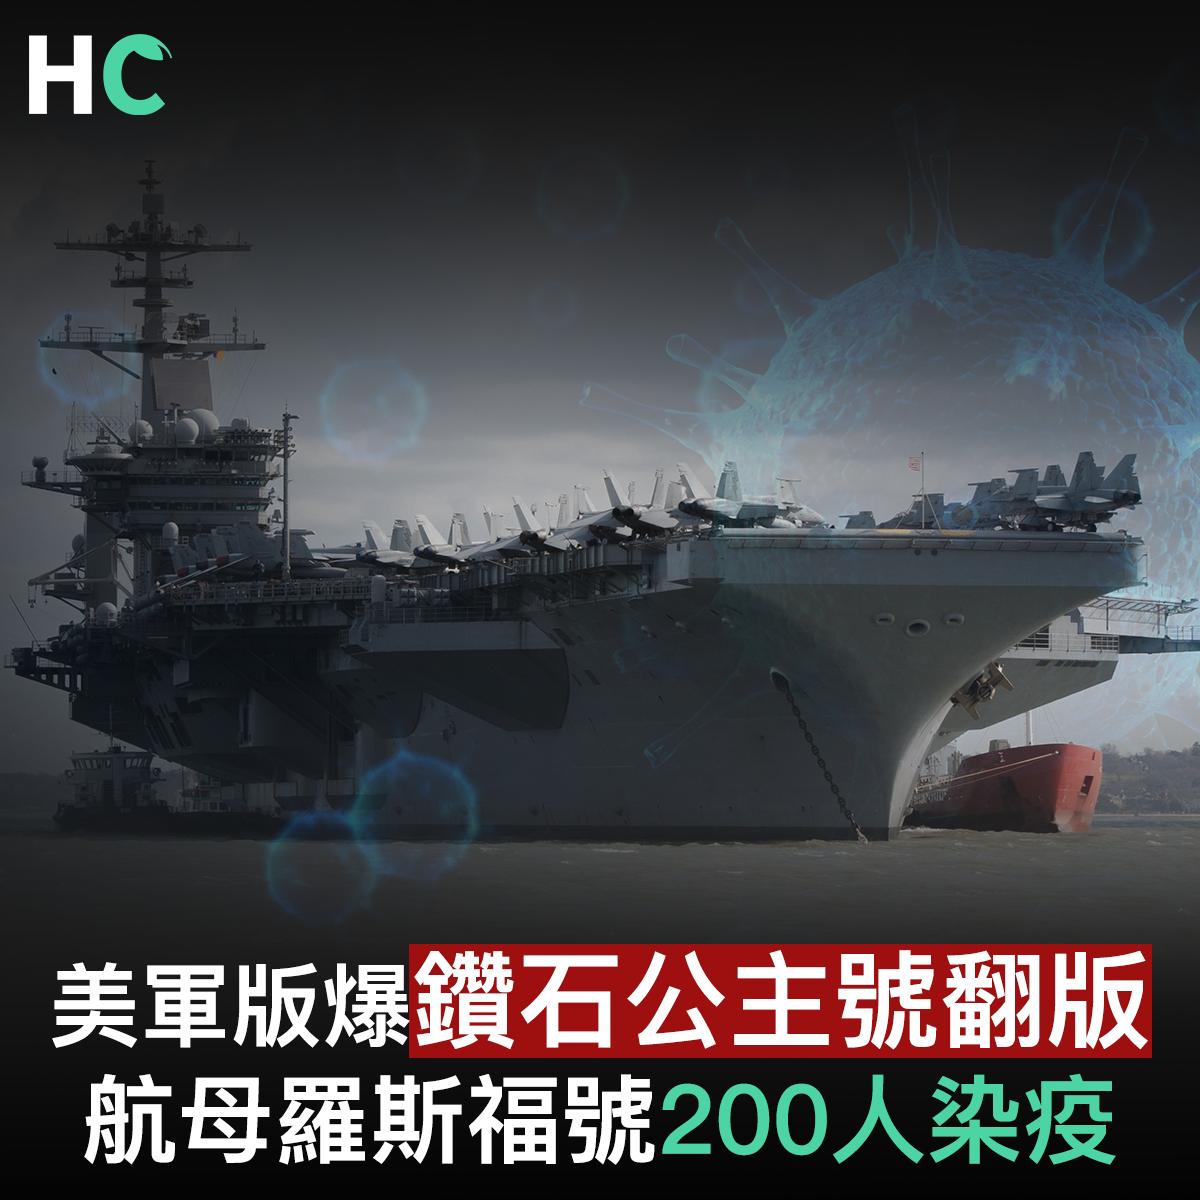 【#武漢肺炎】美軍版爆鑽石公主號翻版 航母羅斯福號200人染疫